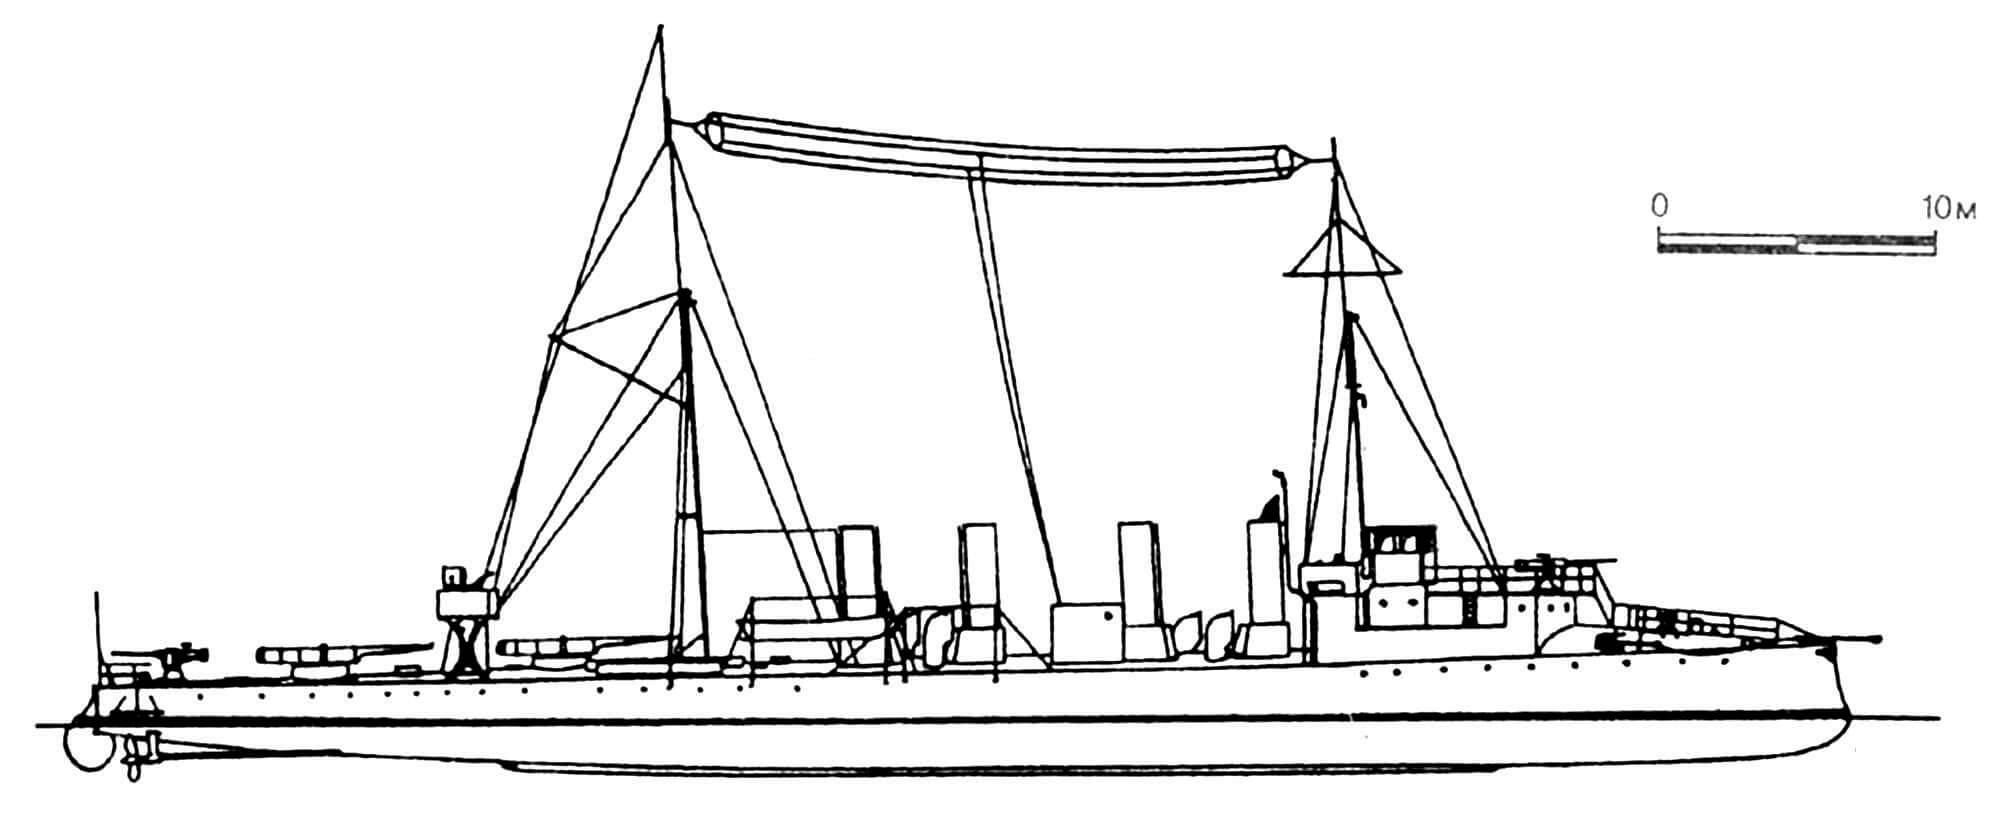 134. Эскадренный миноносец «Деятельный», Россия, 1907 г. Водоизмещение нормальное 382 т. Длина наибольшая 64 м, ширина 6,4 м, осадка 2 м. Мощность двухвальной паромашинной установки 6000 л.с., скорость 26 узлов. Вооружение: две 75-мм пушки, два торпедных аппарата. Всего построено восемь единиц.